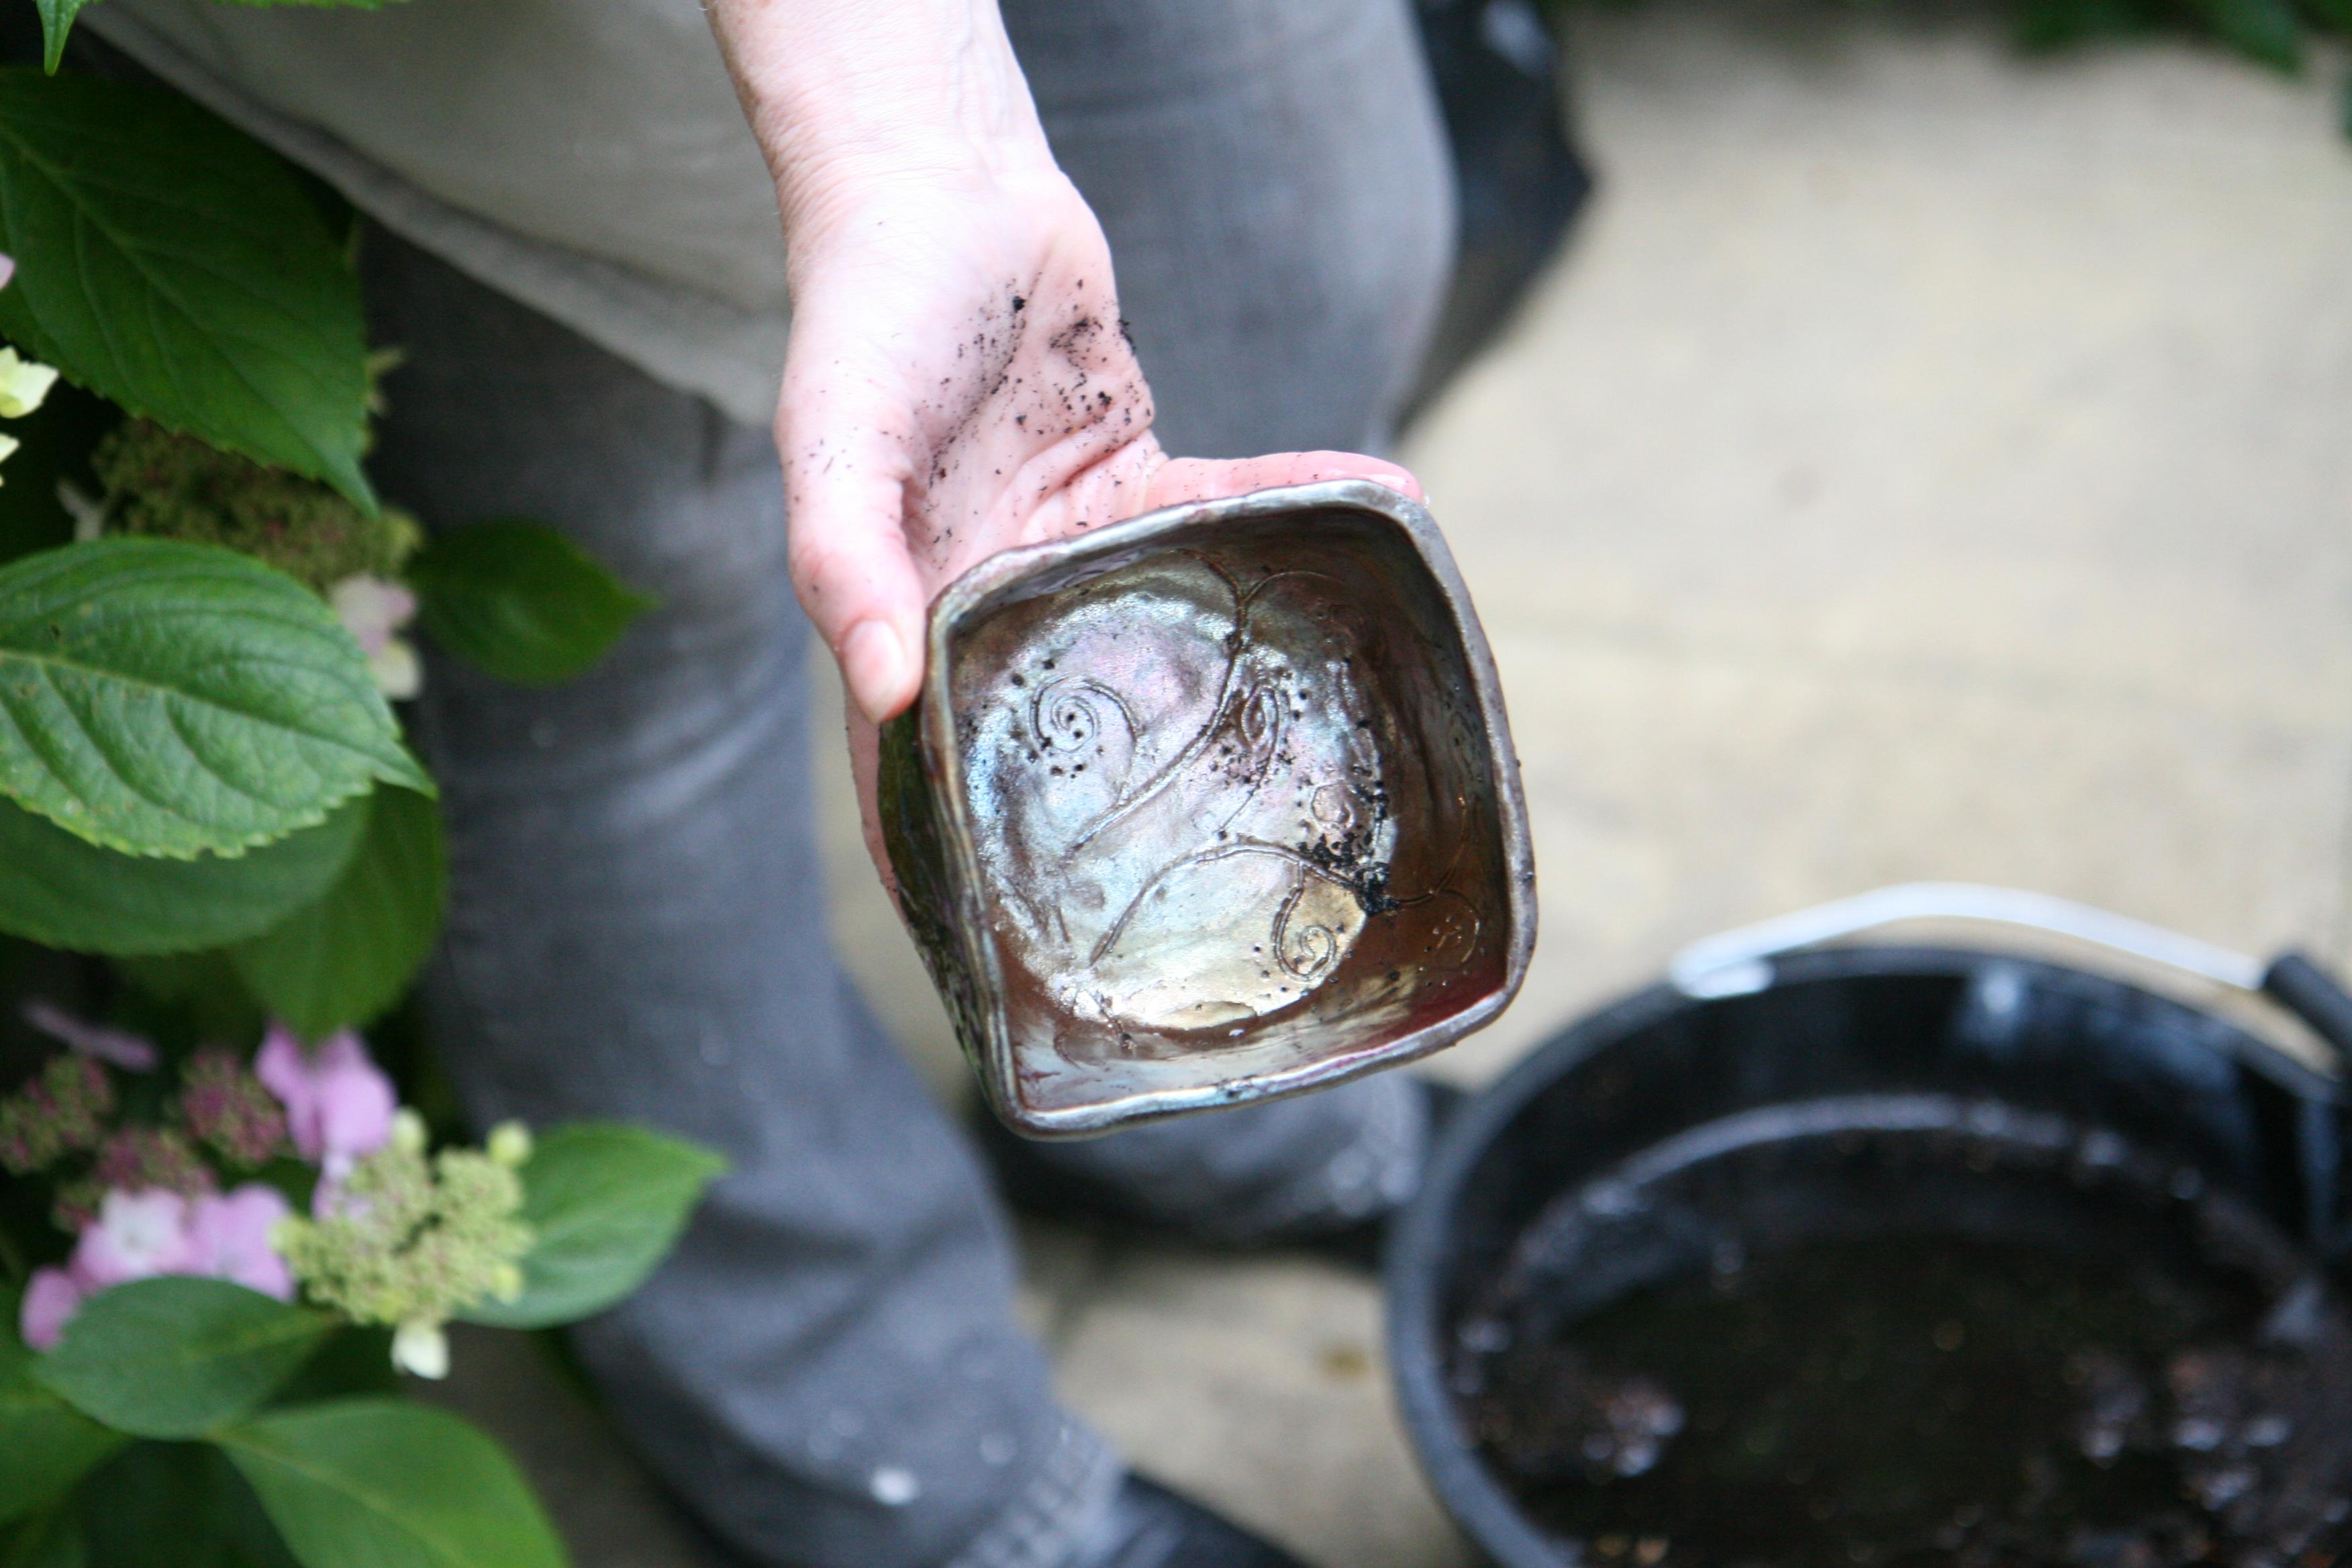 Raku Firing - copper fired pot ready for cleaning